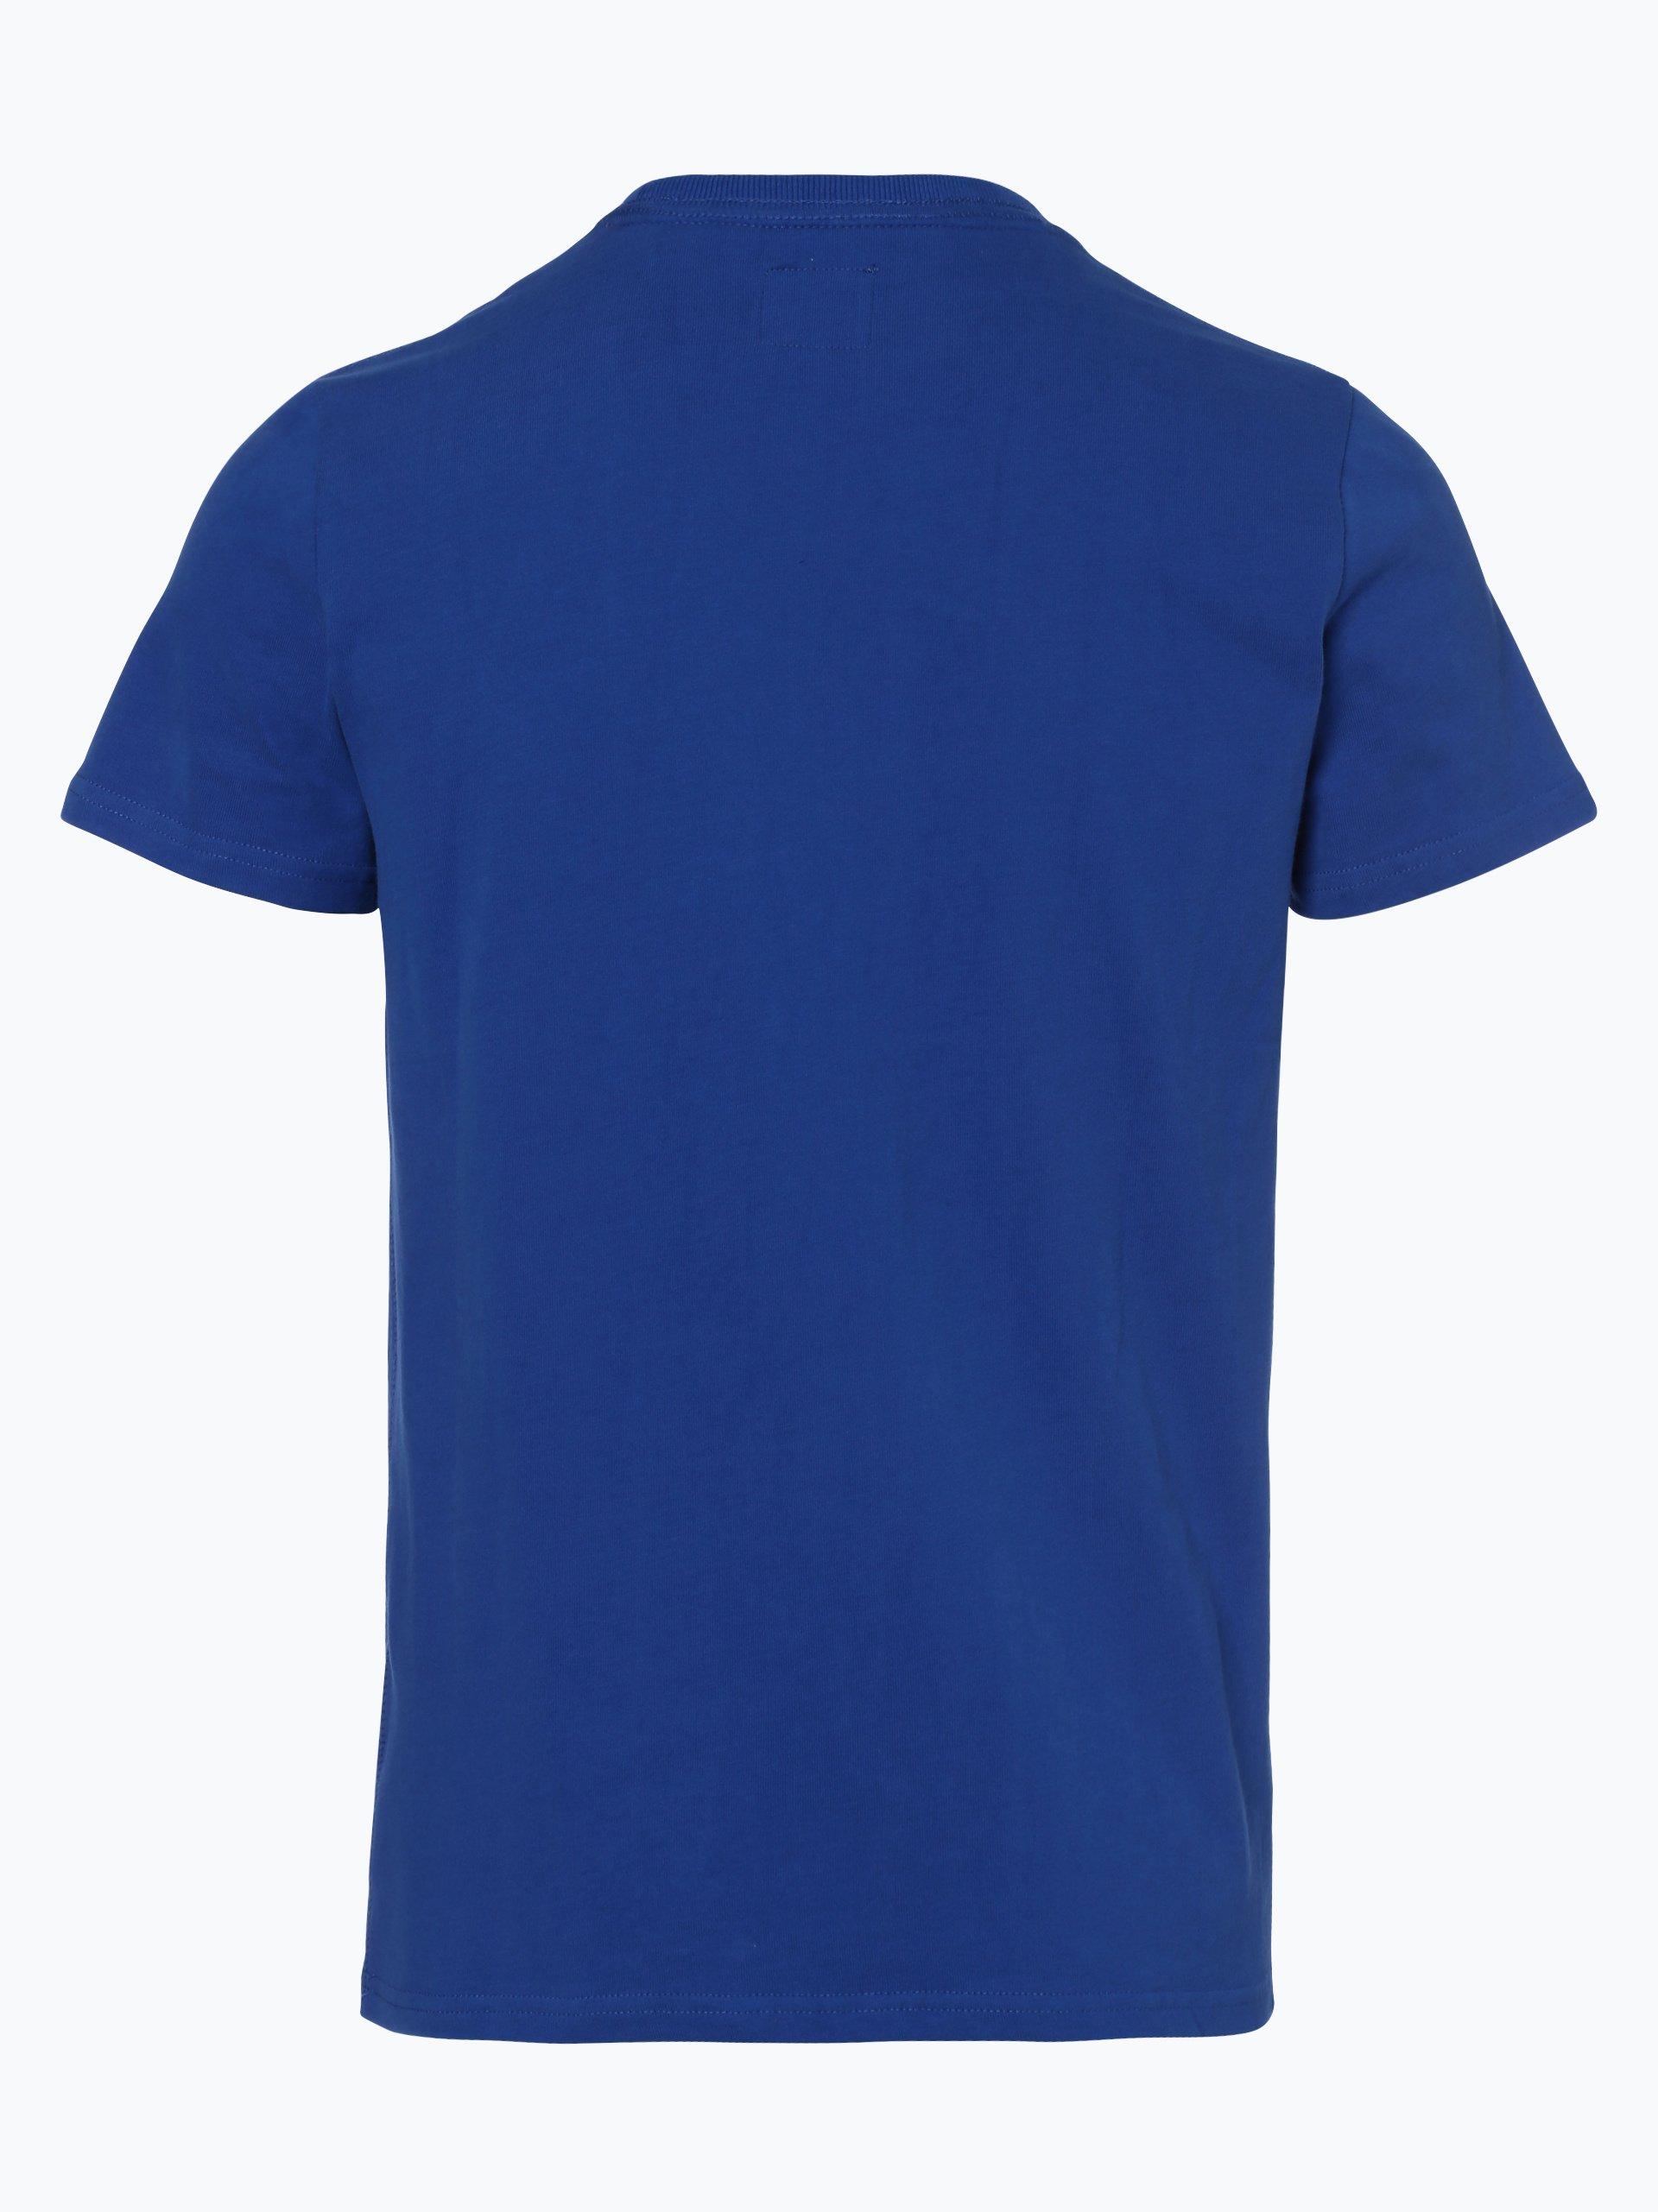 superdry herren t shirt blau bedruckt online kaufen peek und cloppenburg de. Black Bedroom Furniture Sets. Home Design Ideas